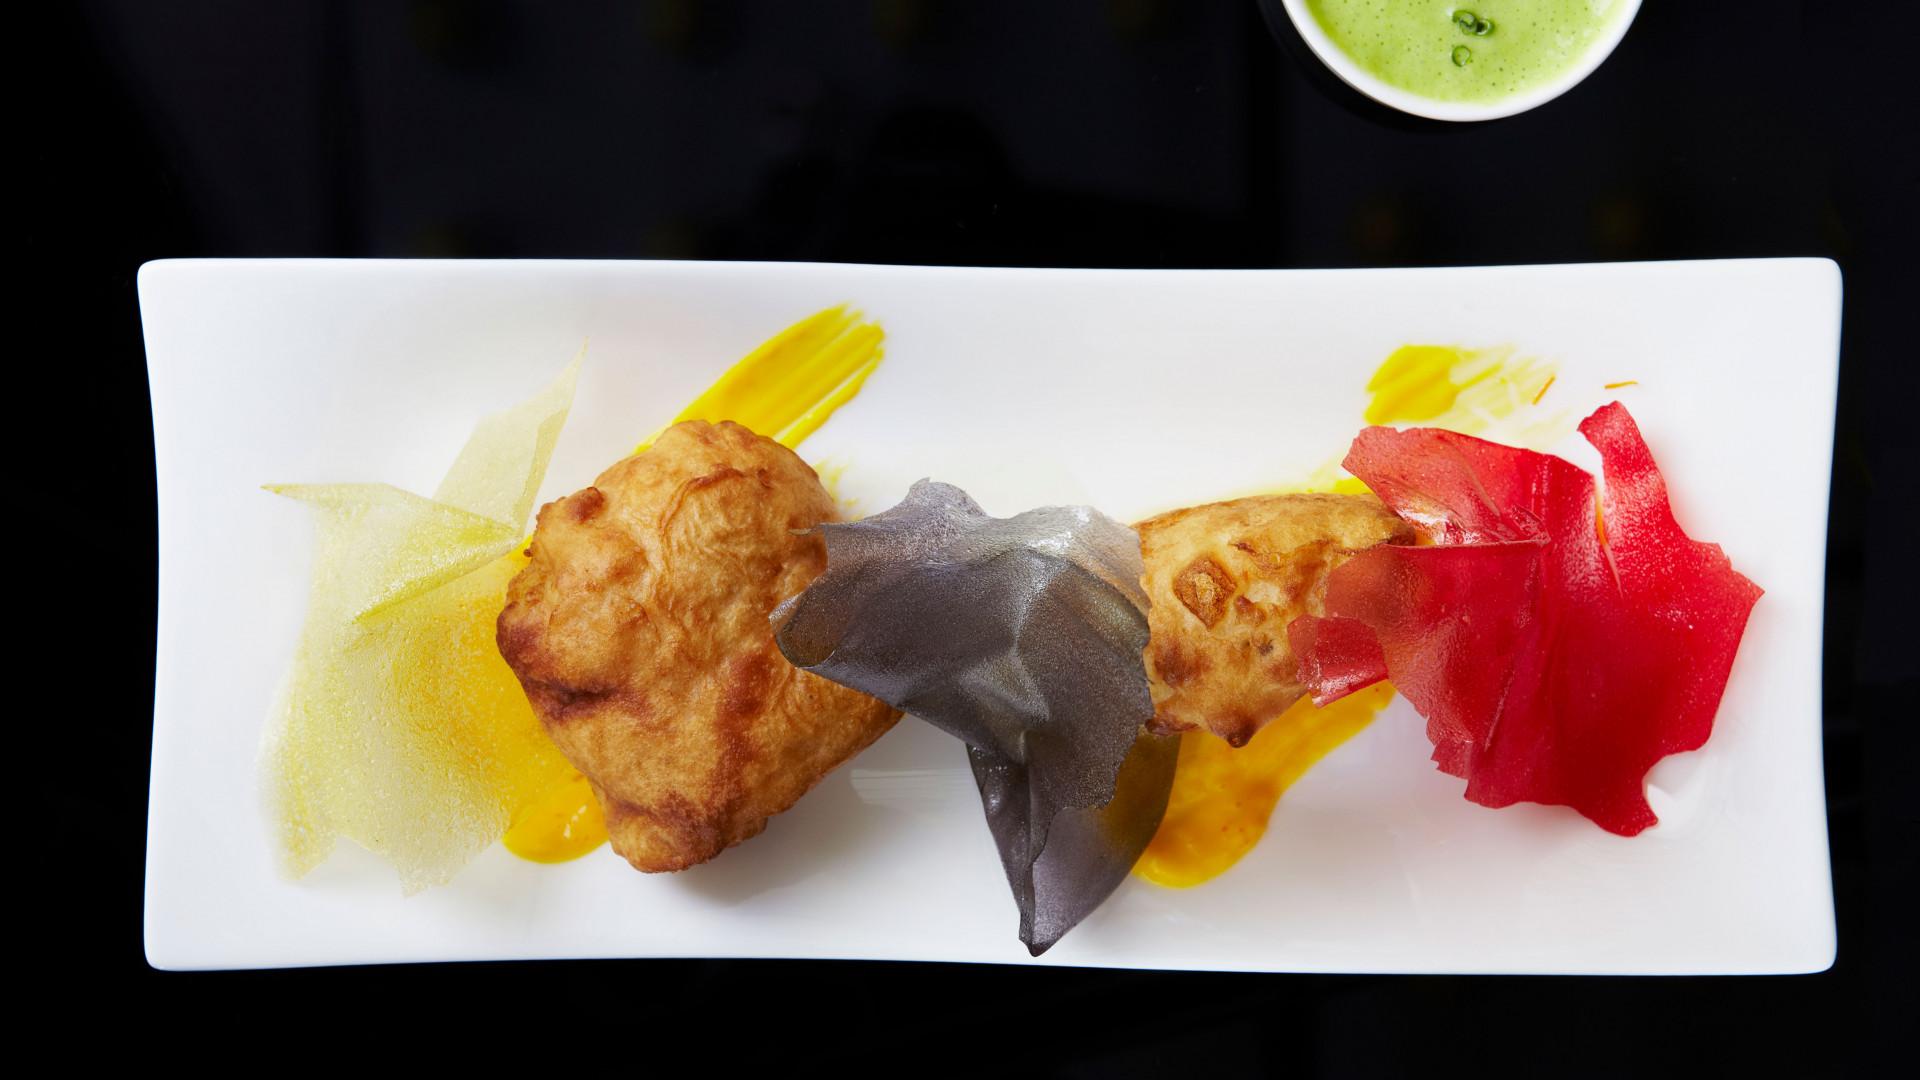 Fish and chips at Ametsa